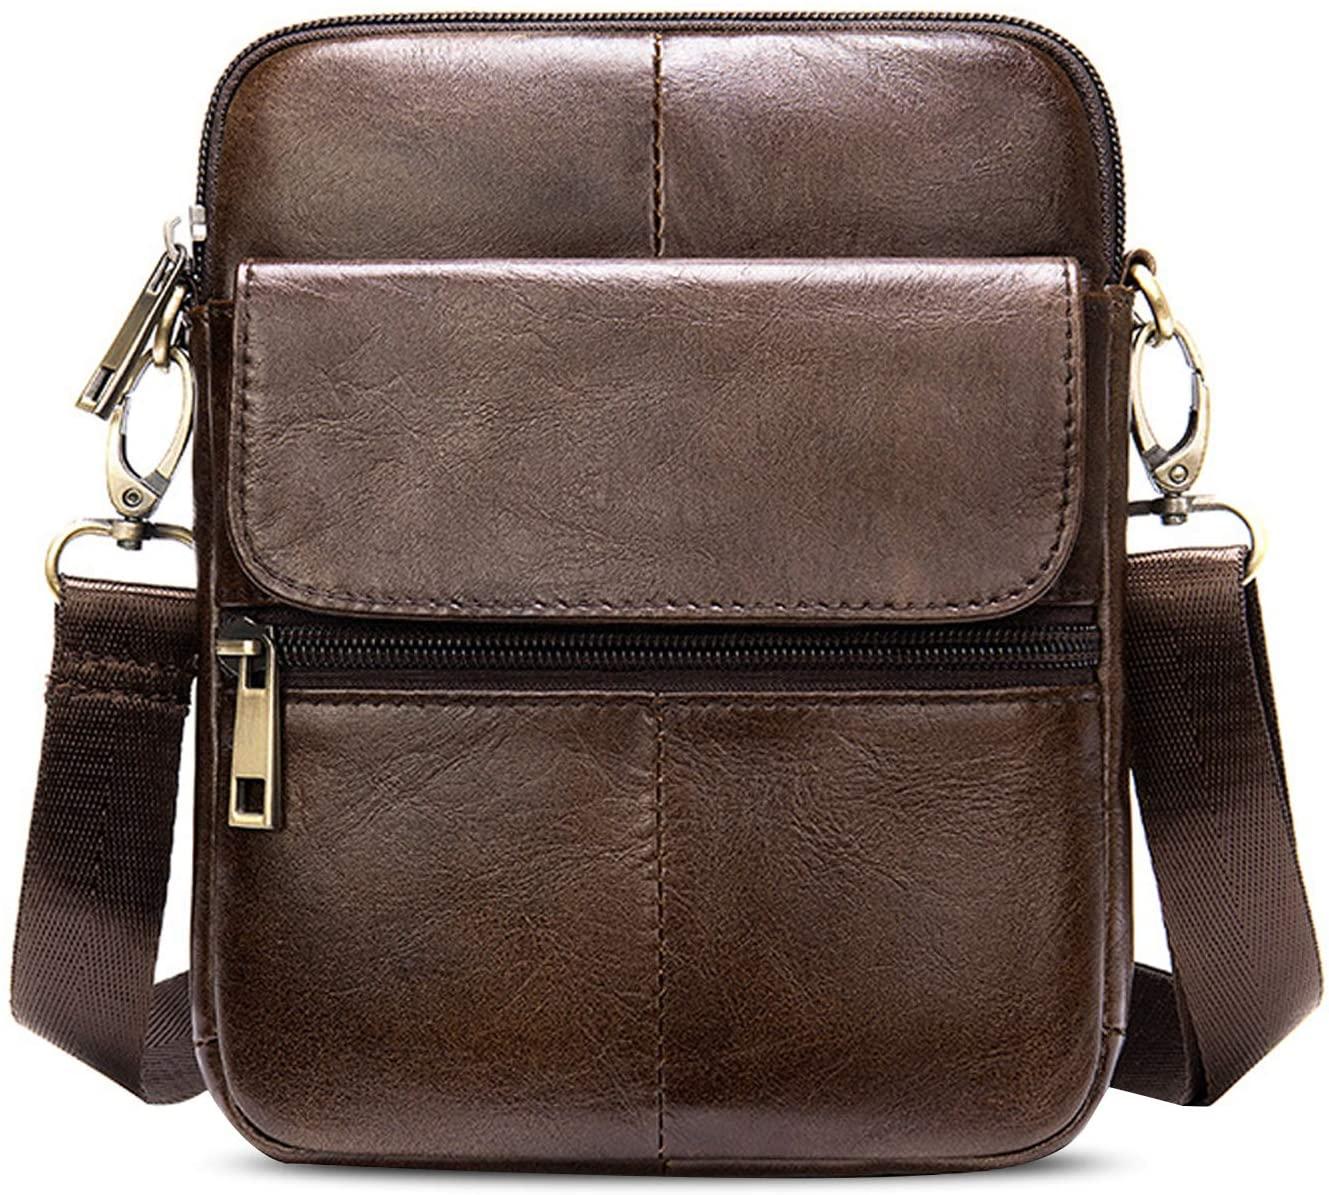 FANDARE Unisex Shoulder Bag Leather Crossbody Purse Crossover Messenger Bag Satchel Bag for Men Women Teens Business Travel School College Campus Backpack Dark Brown